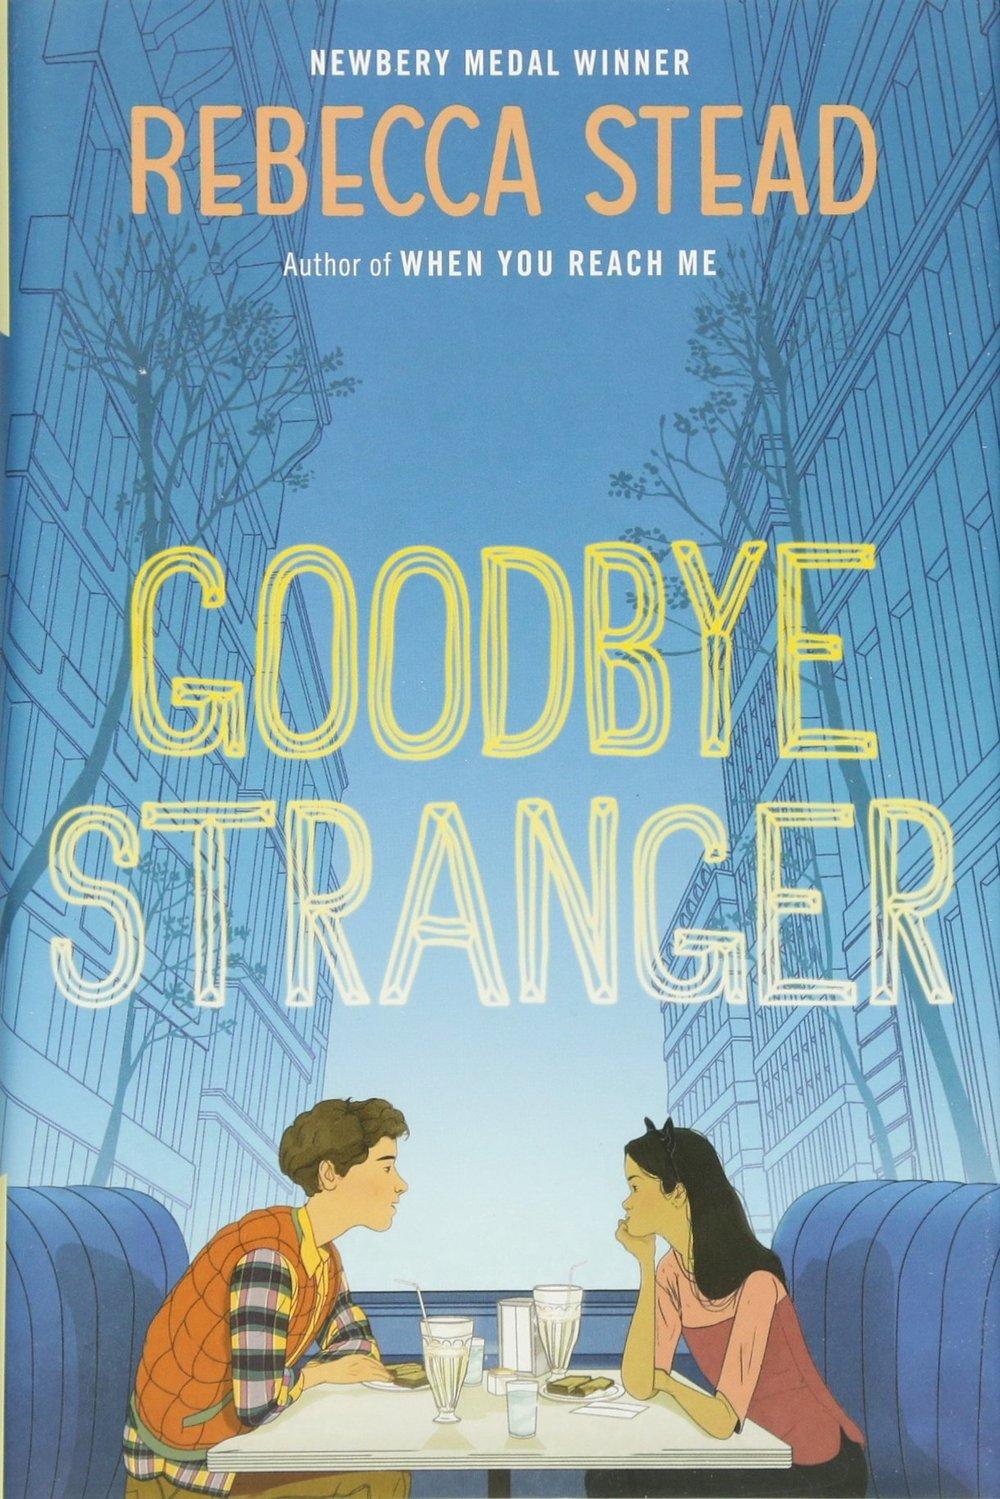 rebecca-stead-goodbye-stranger.jpg